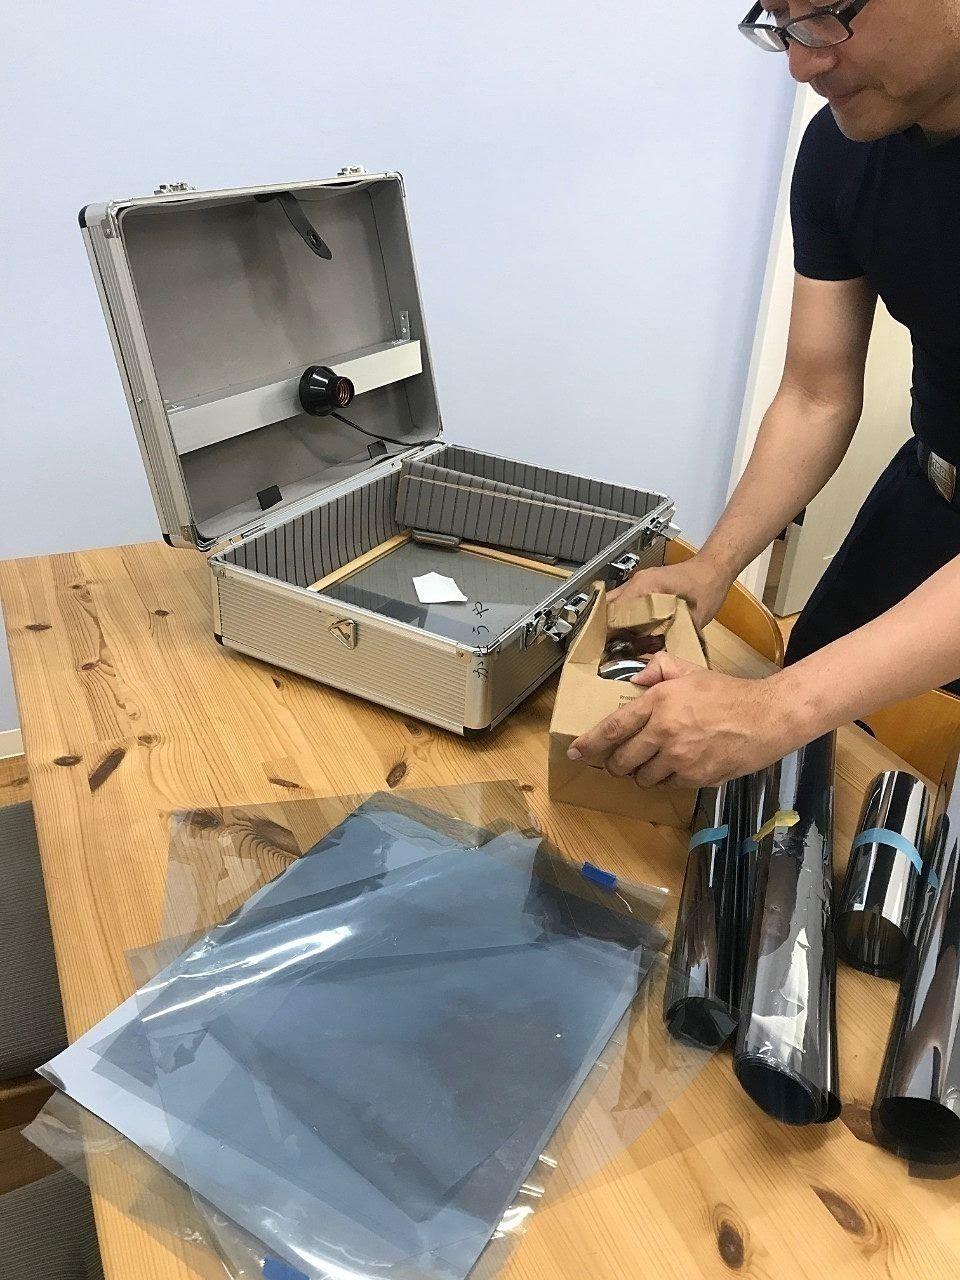 遮熱フィルムがどのくらい効果があるのか実験する道具です